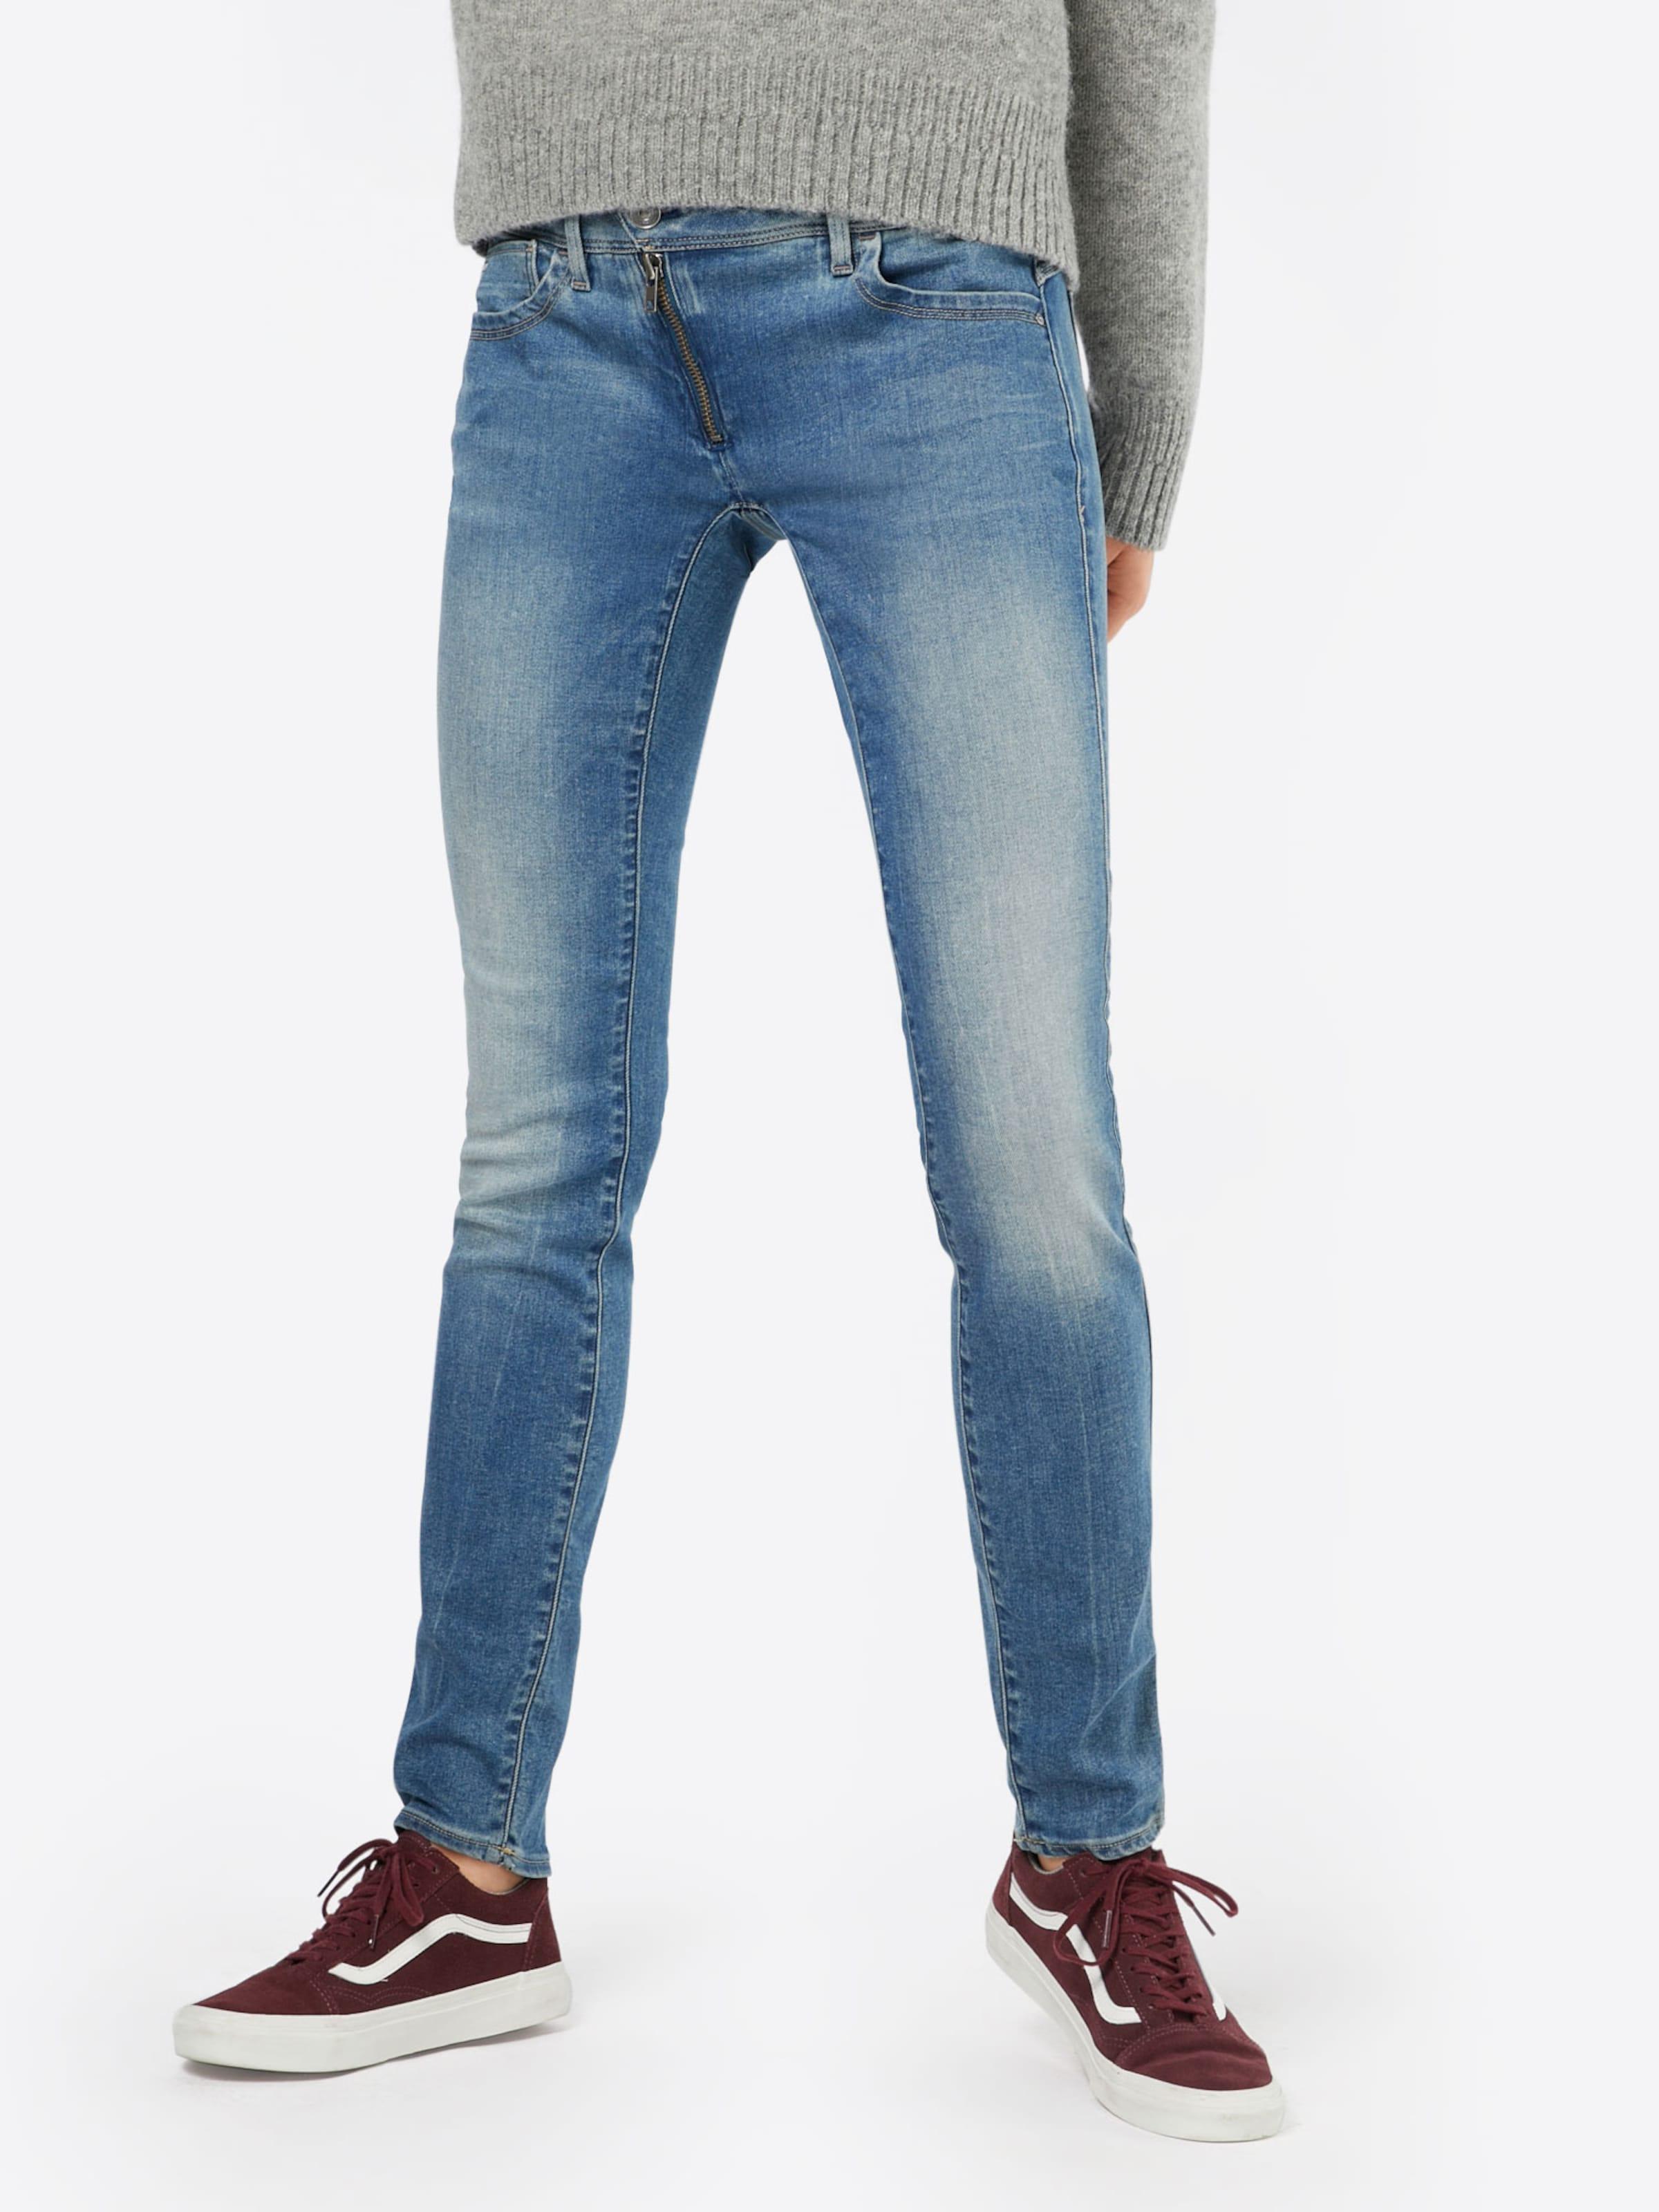 G-STAR RAW Mid Rise Skinny in Used Optik 'Lynn' Billig Verkauf Versand Niedriger Preis Gebühr Die Günstigste Günstig Online Mit Dem Verkauf Kreditkarte Online Rabatt 2018 Neue 100% Authentisch daxaV